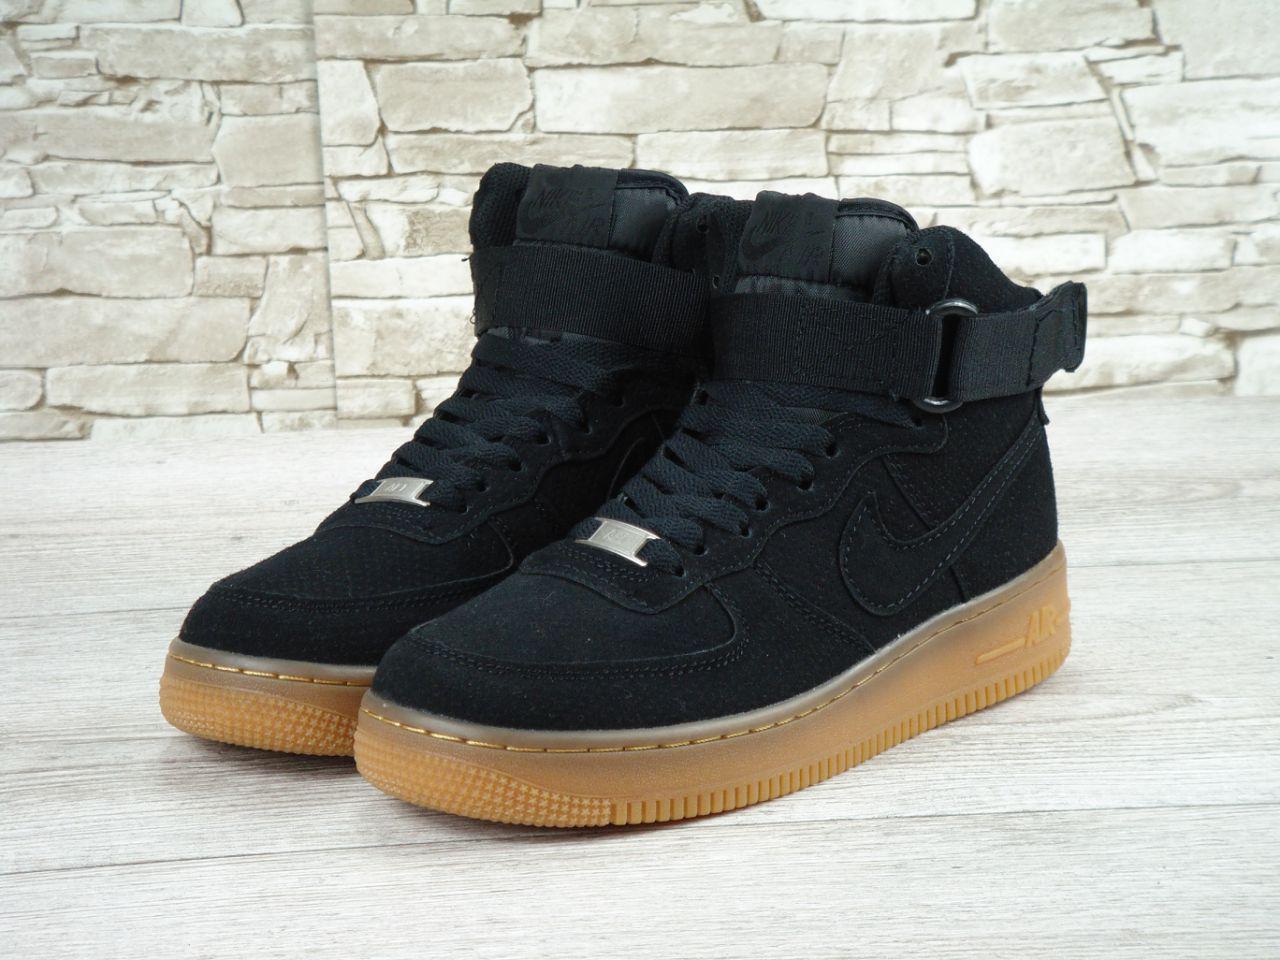 Кроссовки Nike Air Force реплика ААА+ (натуральная замша) размер 44 черный, фото 1